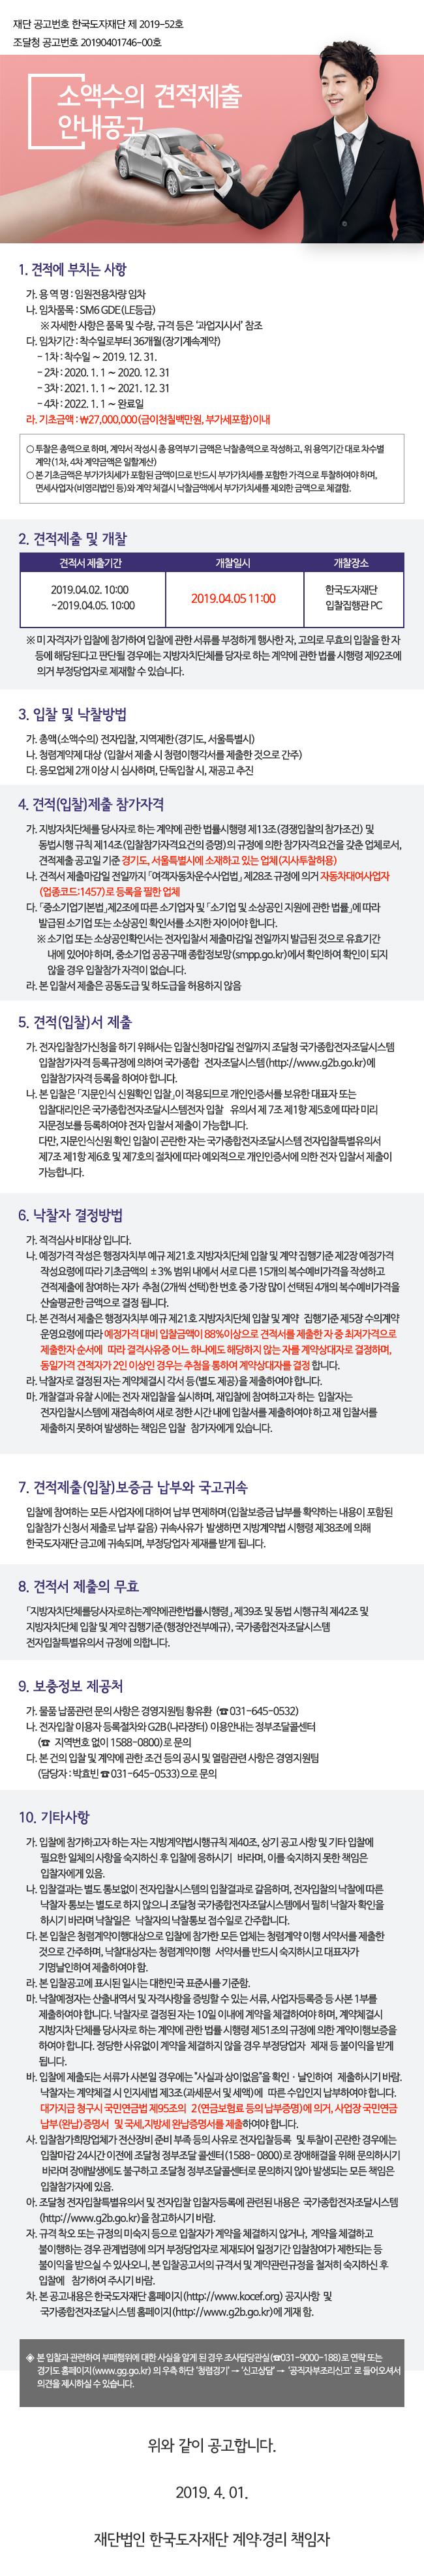 [소액수의 견적제출] 임원전용차량 임차